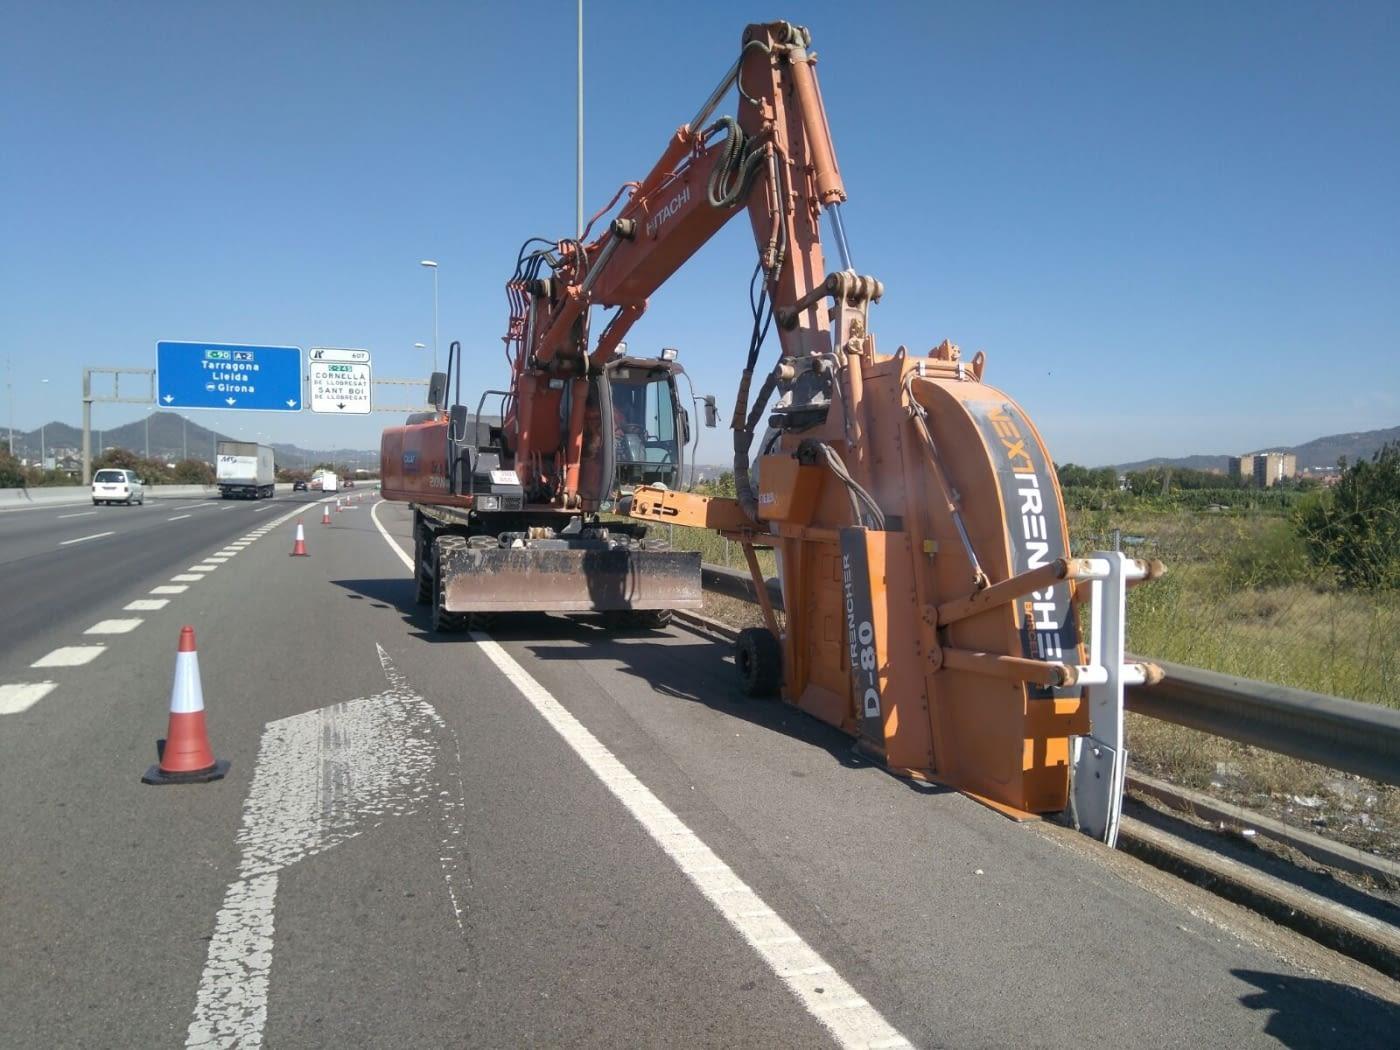 Obras en el arcén del A2 para enterrar el alumbrado del área metropolitana de Barcelona